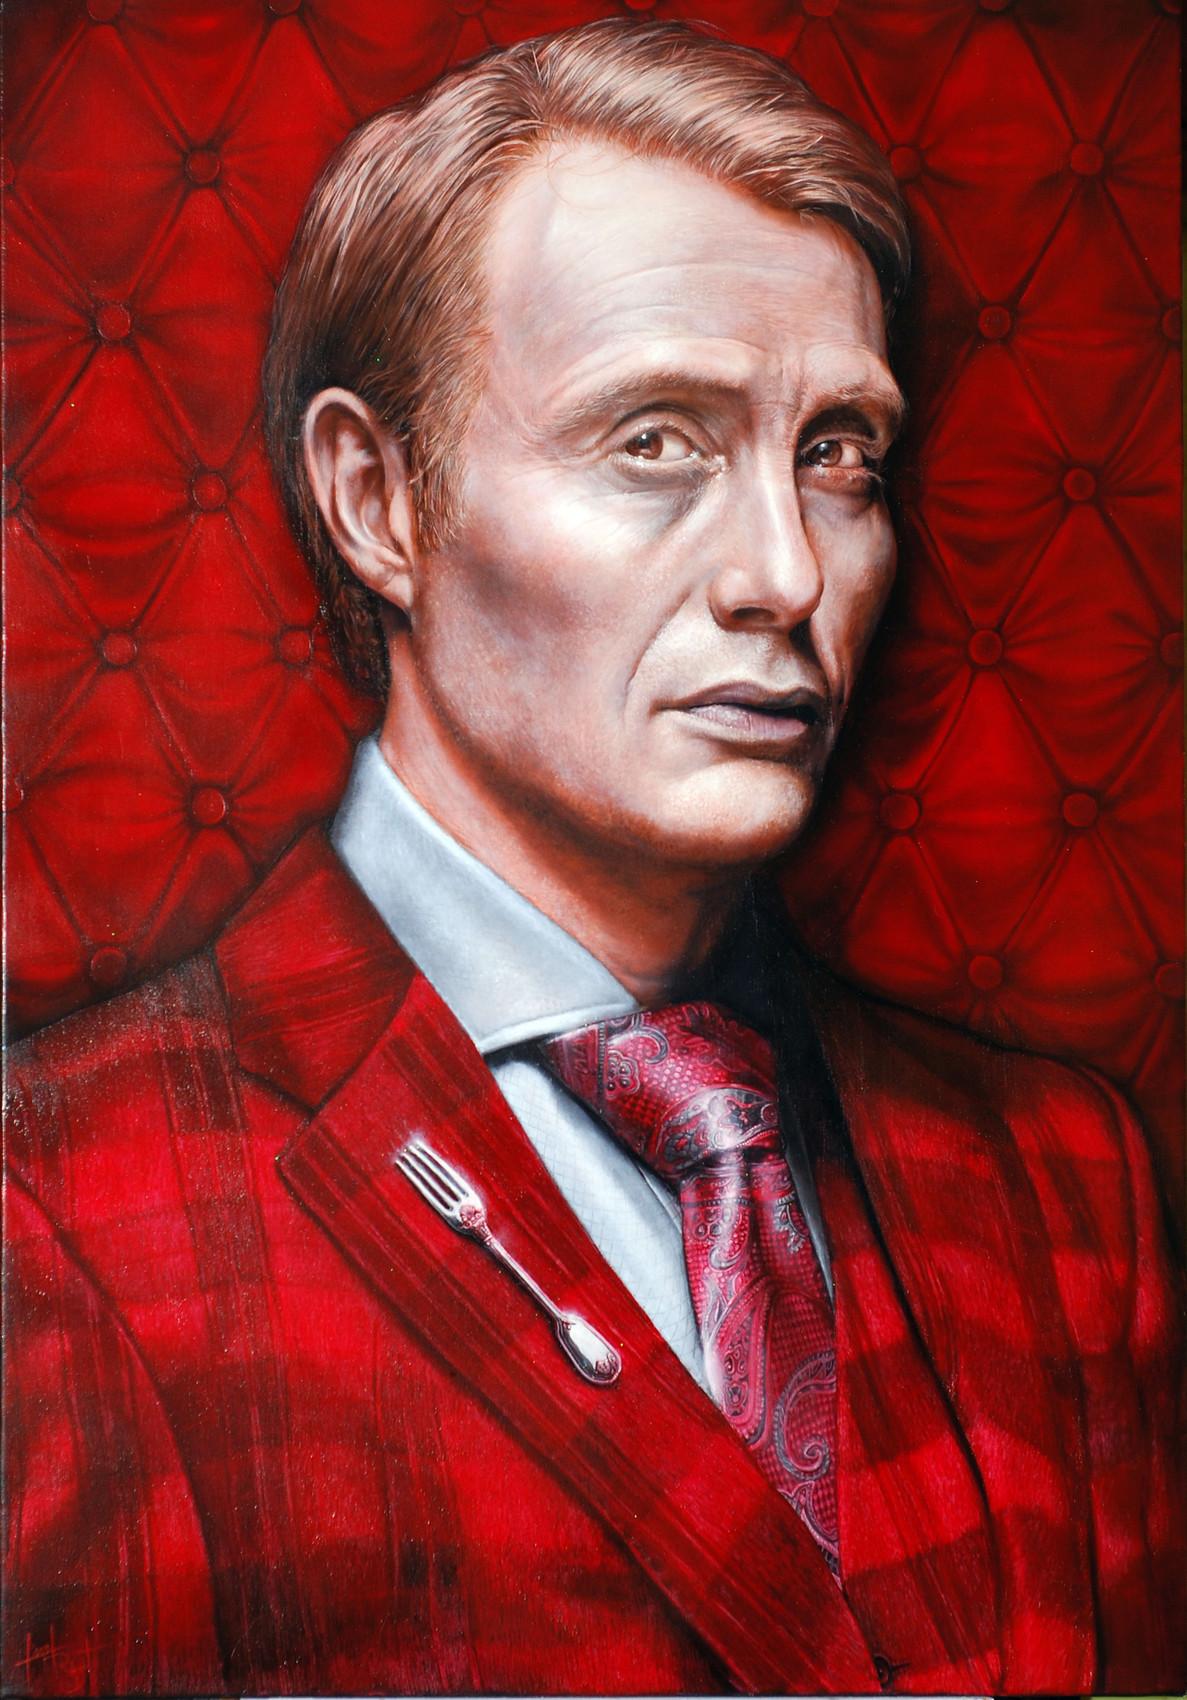 Mads Mikkelsen en Hannibal Lecter